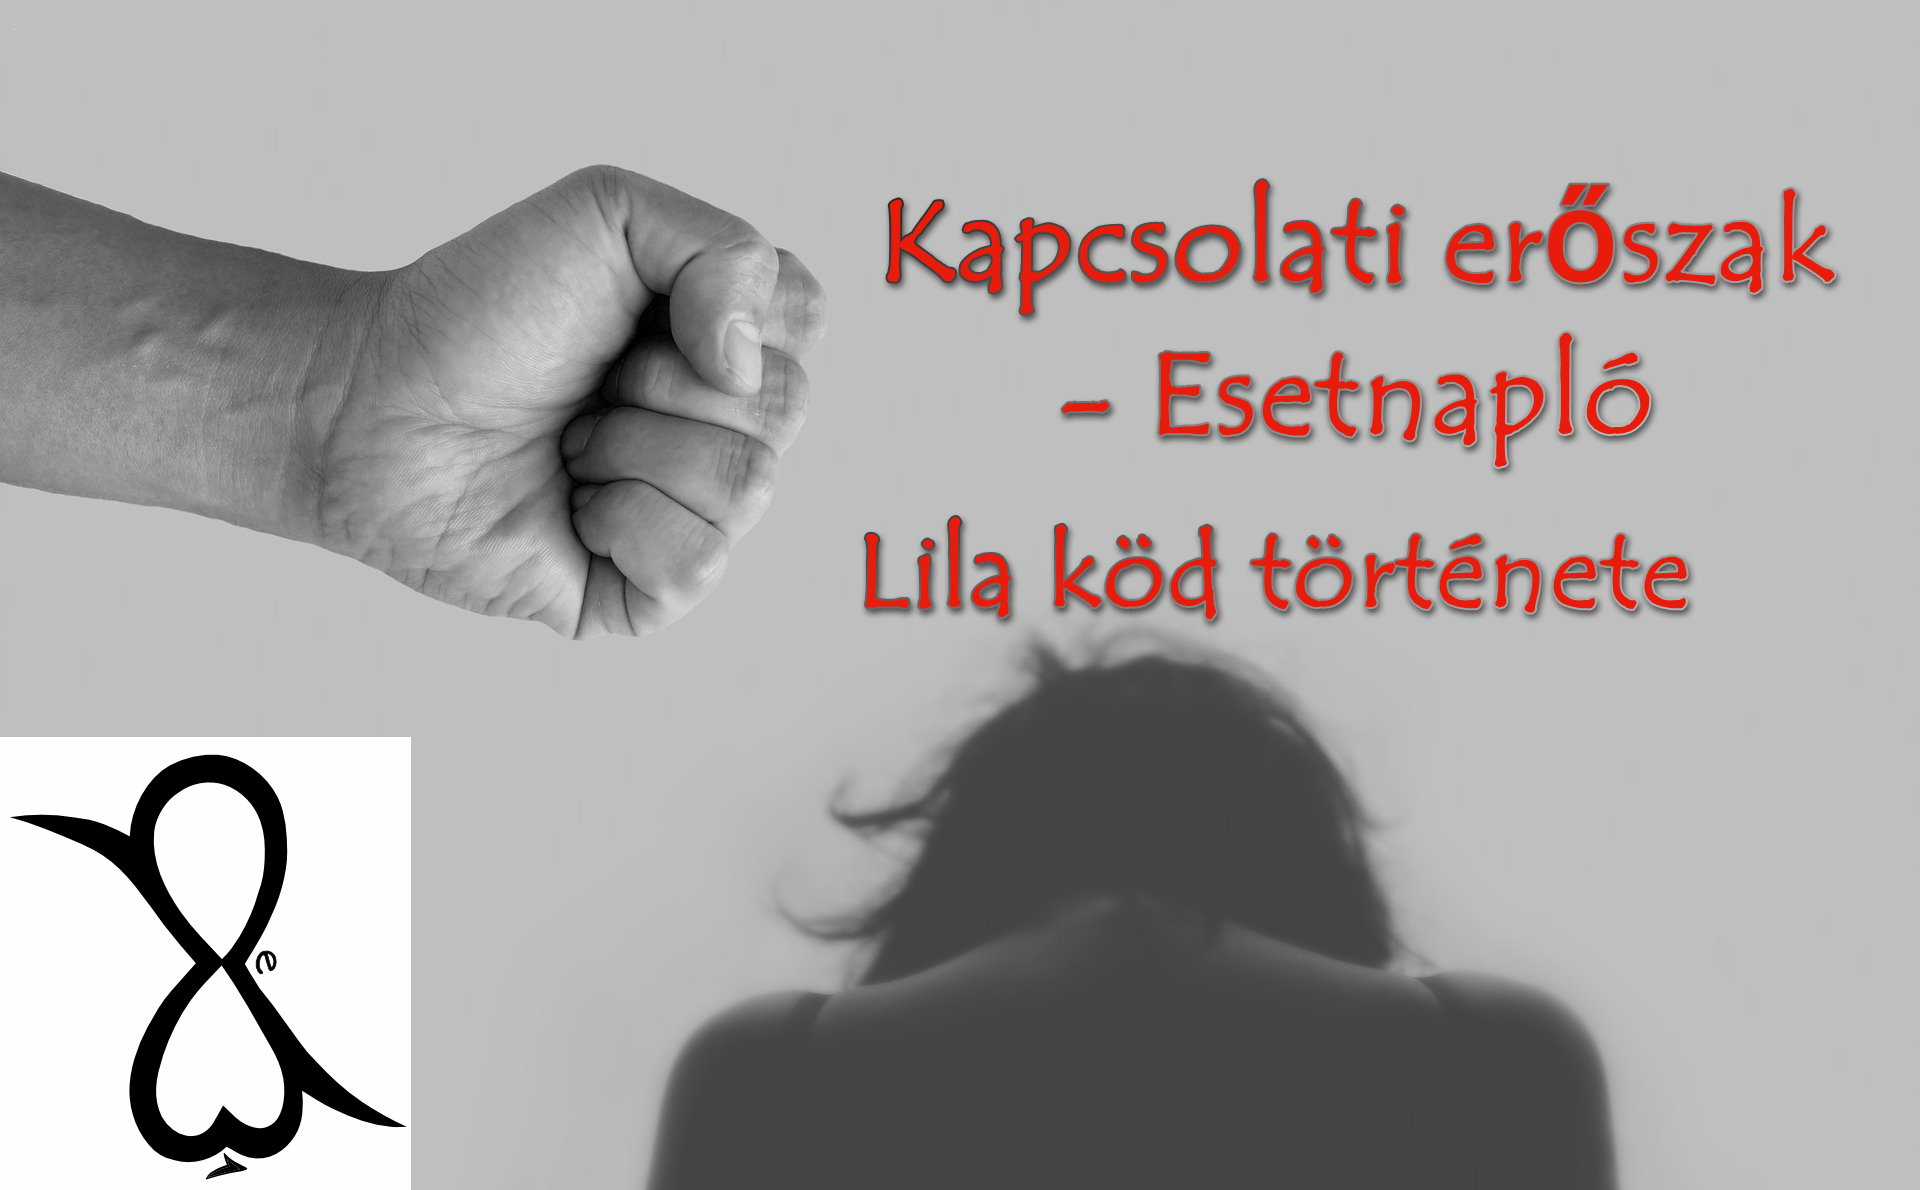 Kapcsolati erőszak – Esetnapló (Lila köd története)